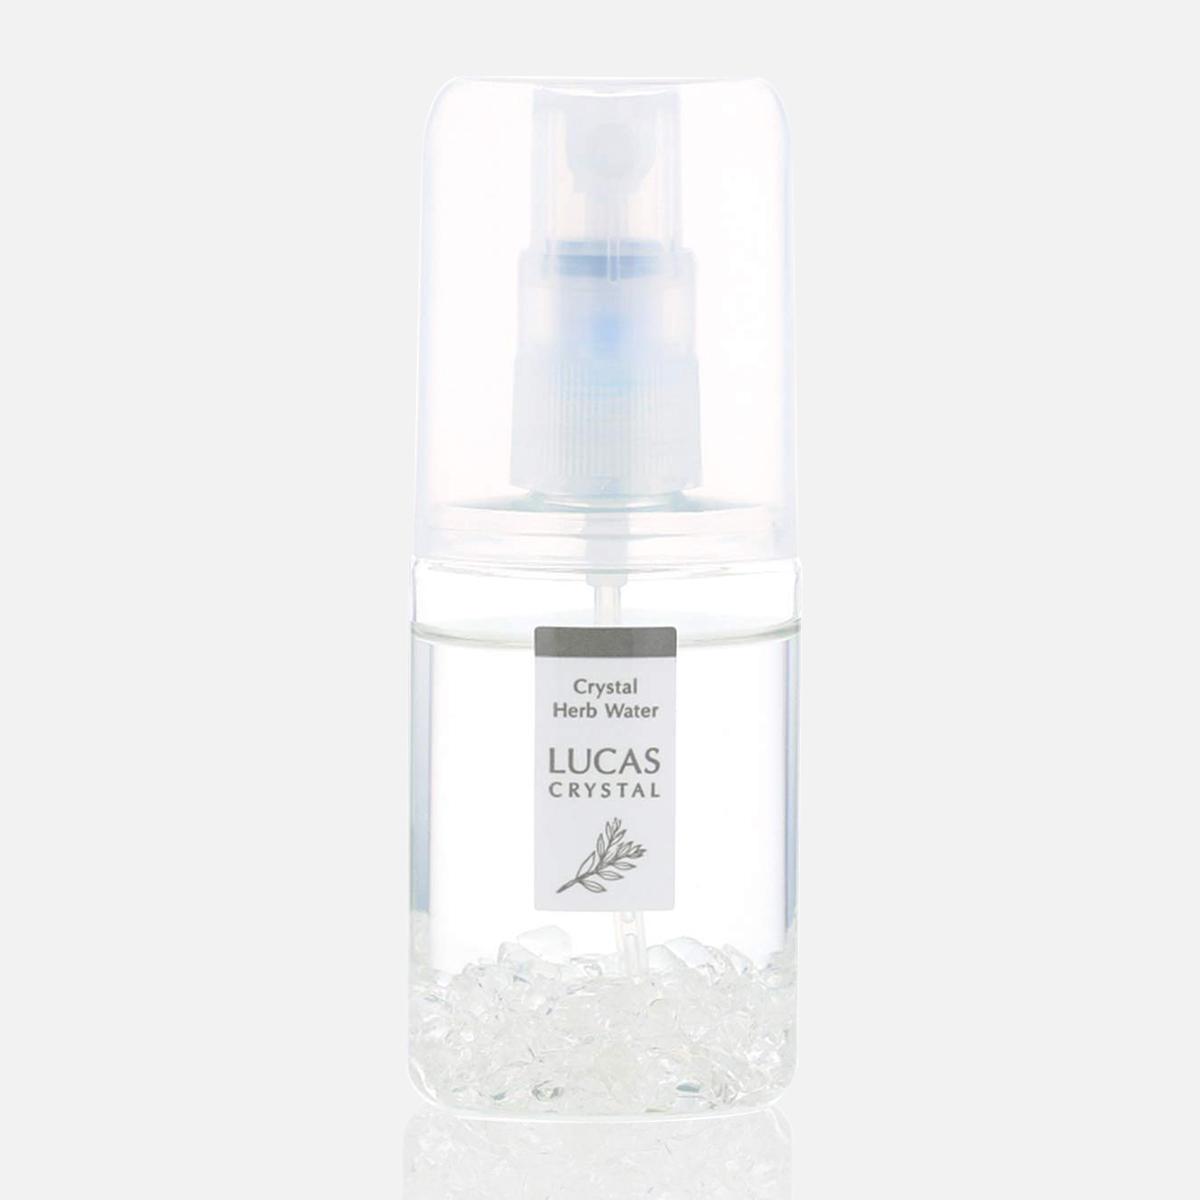 ホワイトセージ 浄化スプレー pocket LUCAS ルカス クリスタル